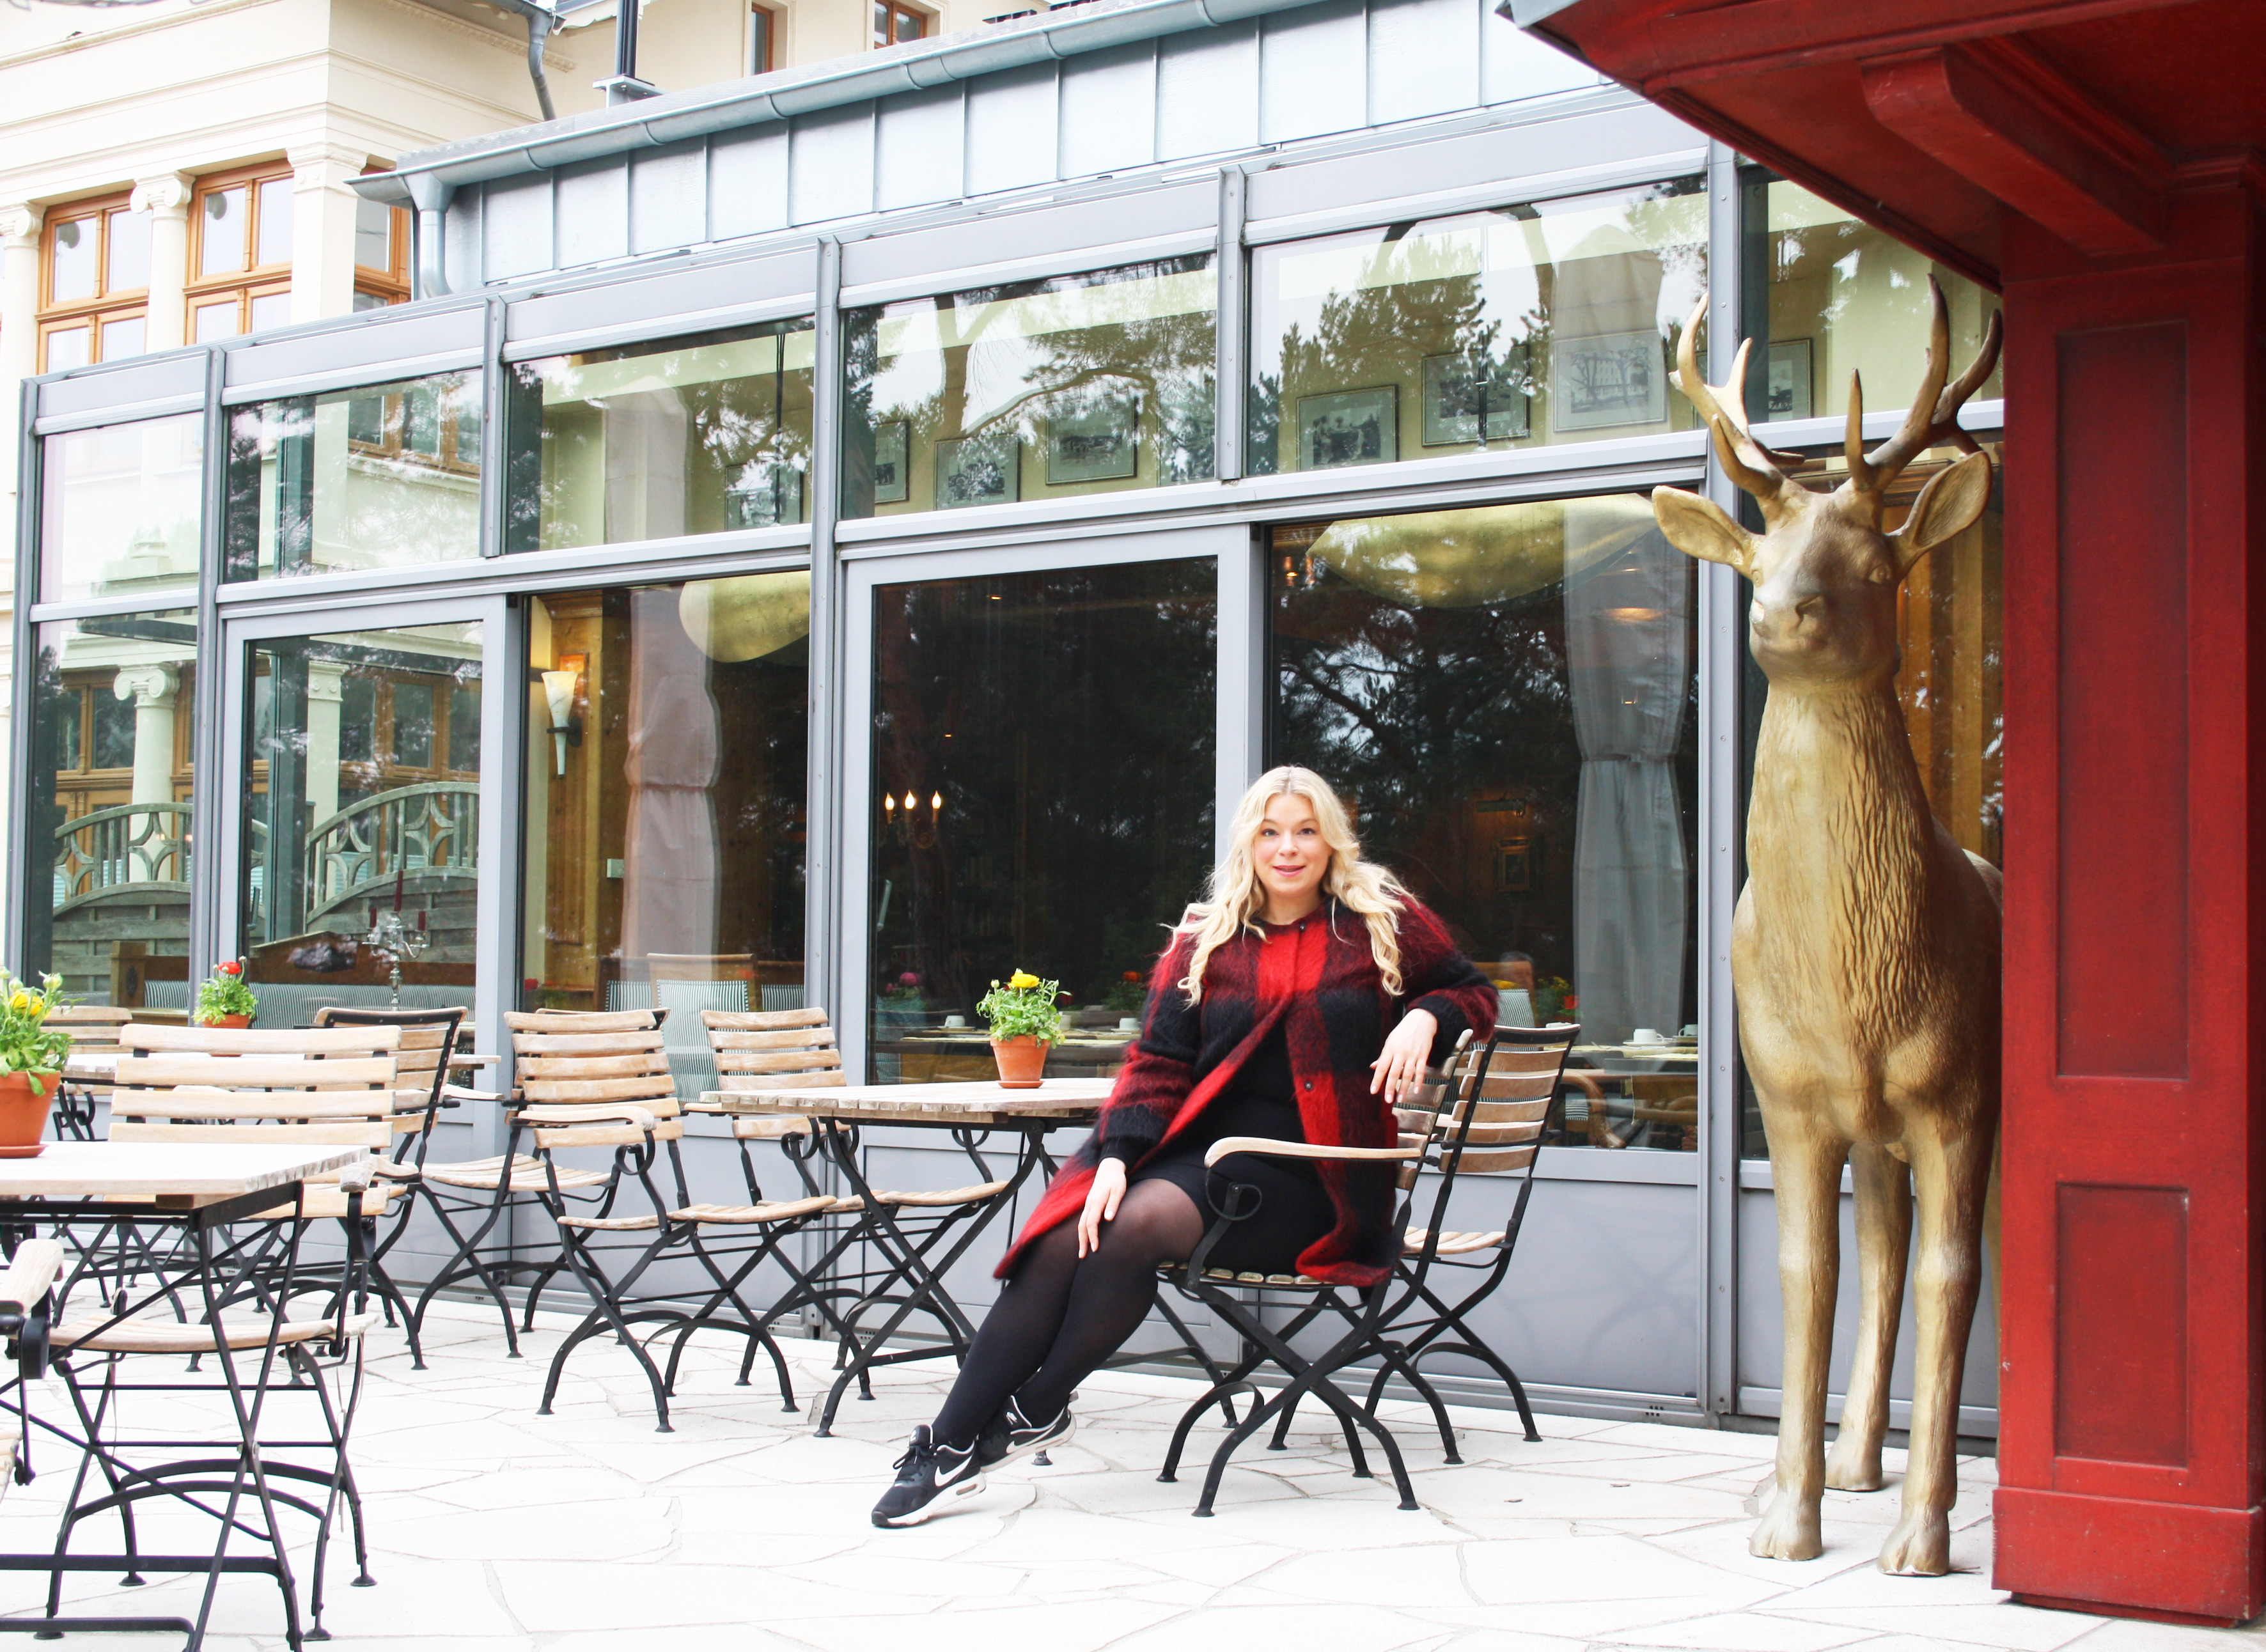 Caterina-pogorzelski-navabi-Strandhotel-Heringsdorf-Megabambi-Blog